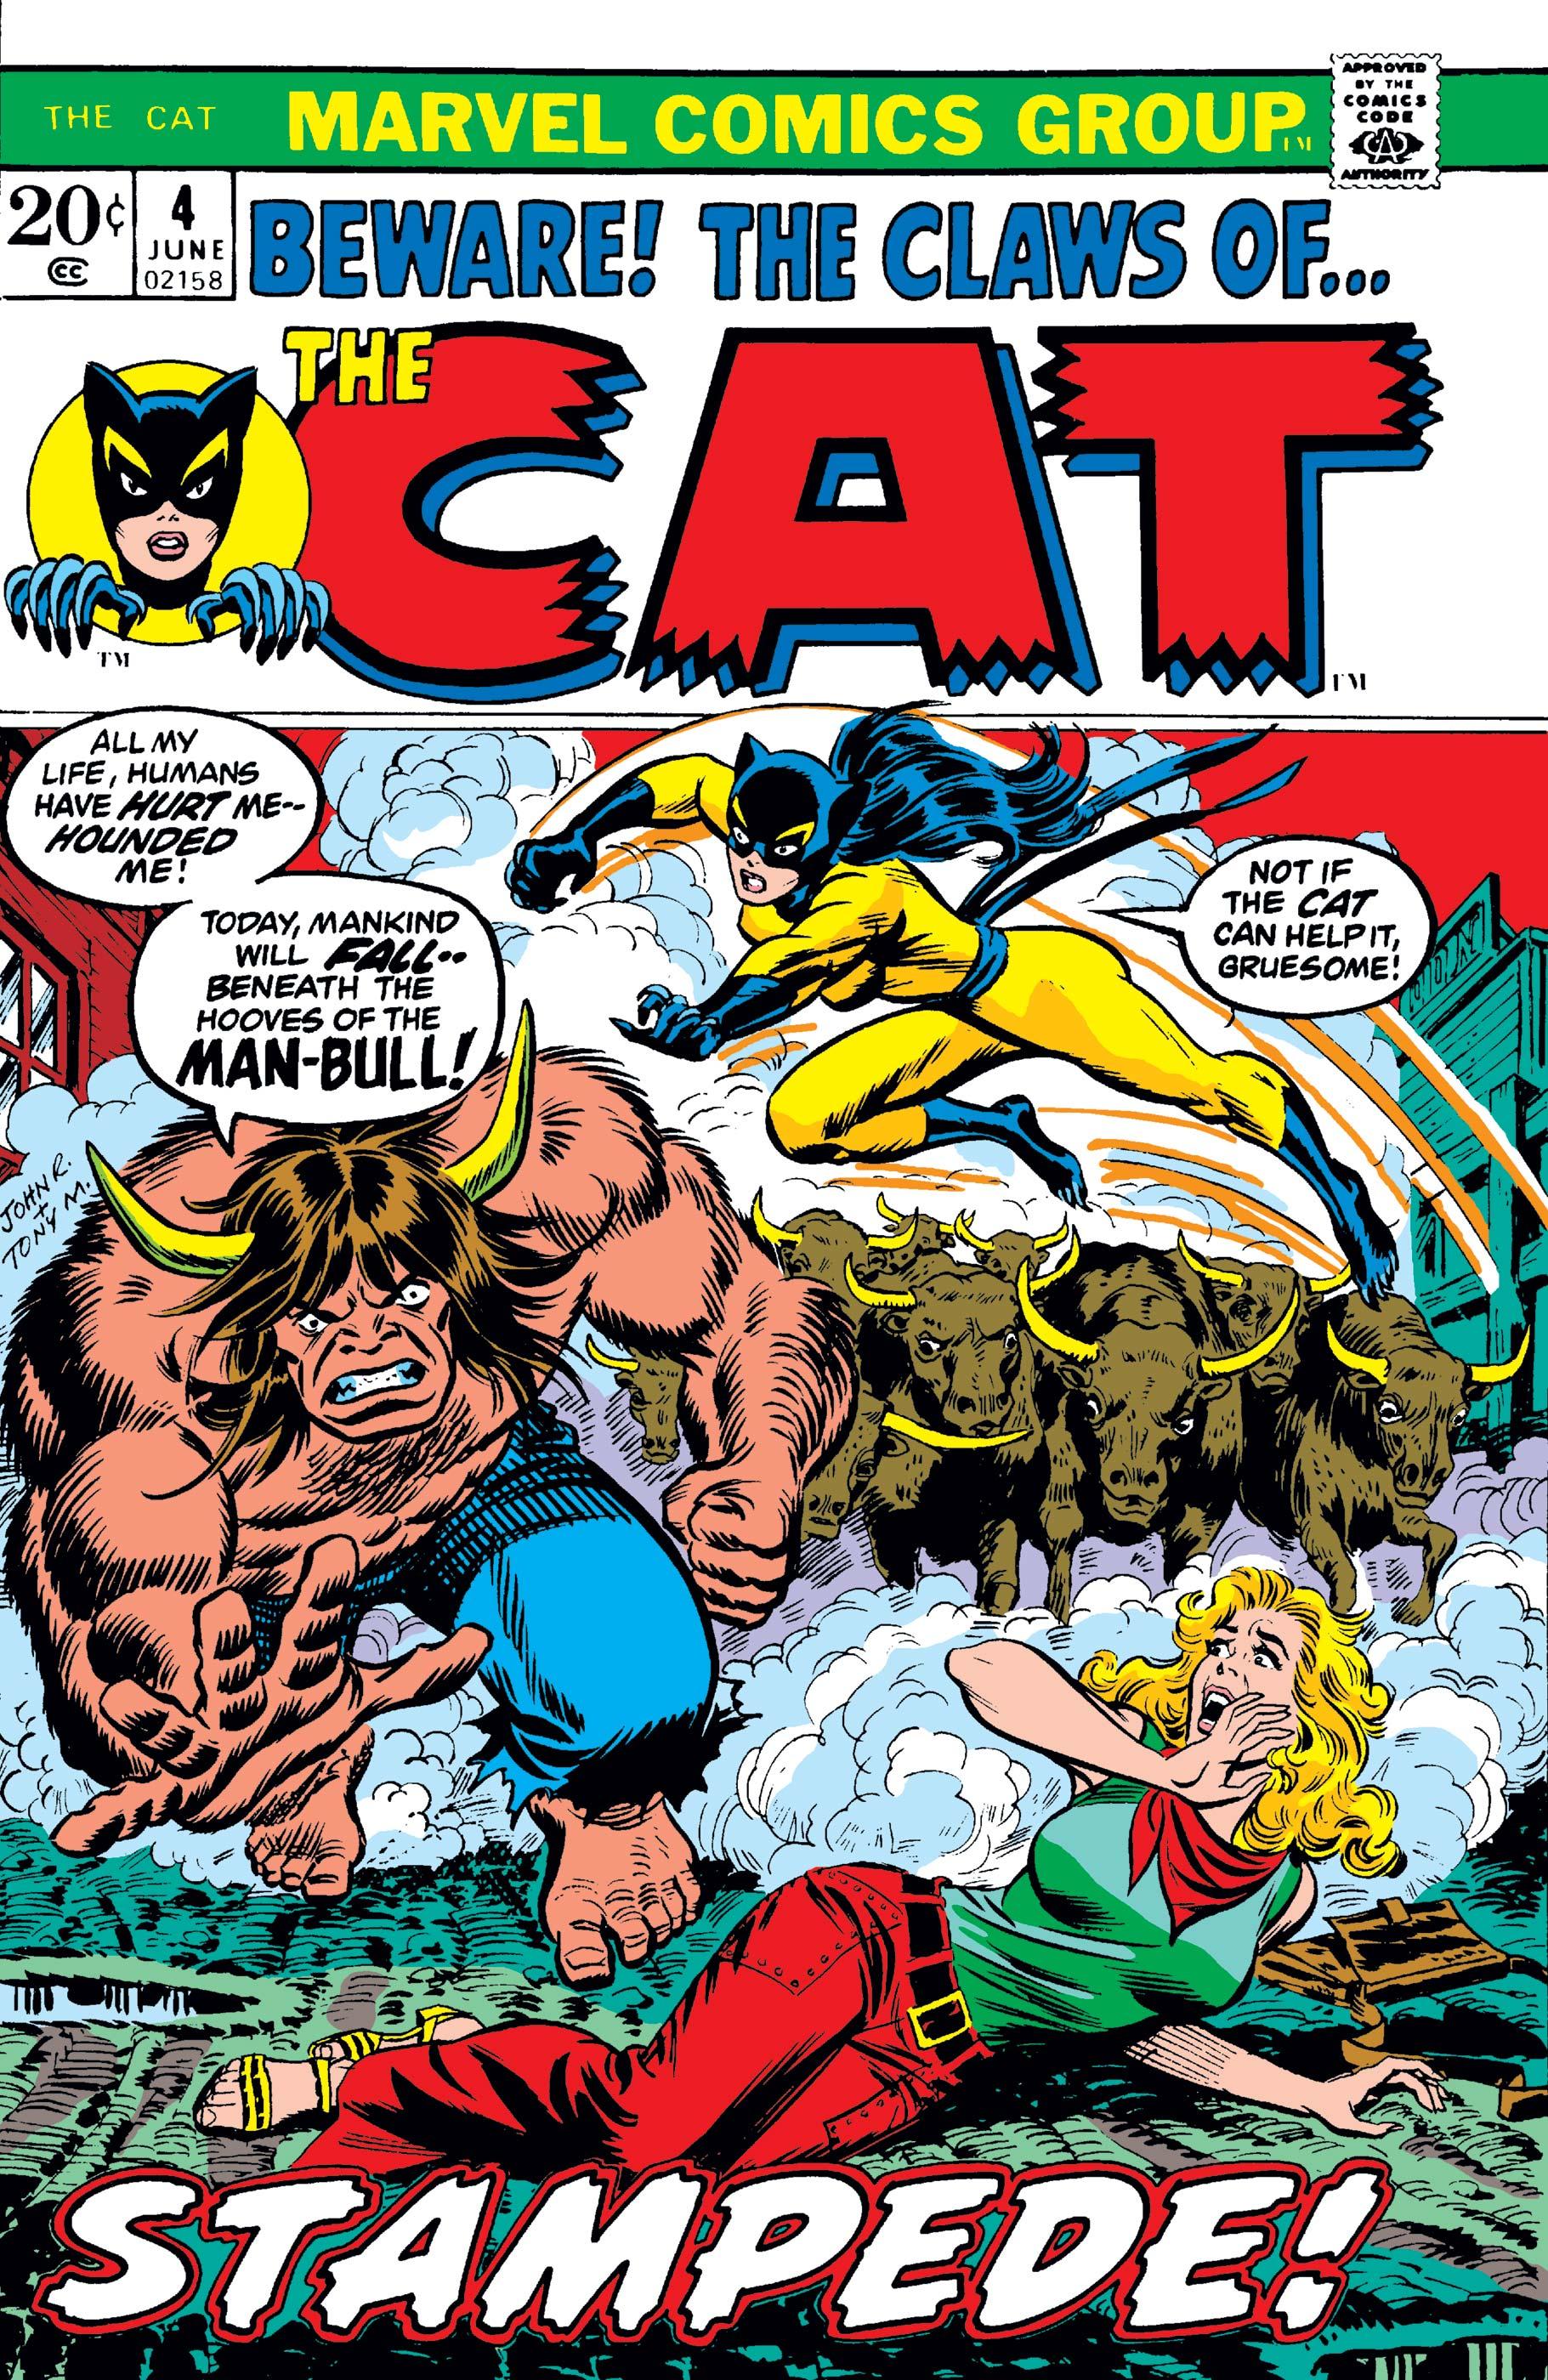 The Cat (1972) #4